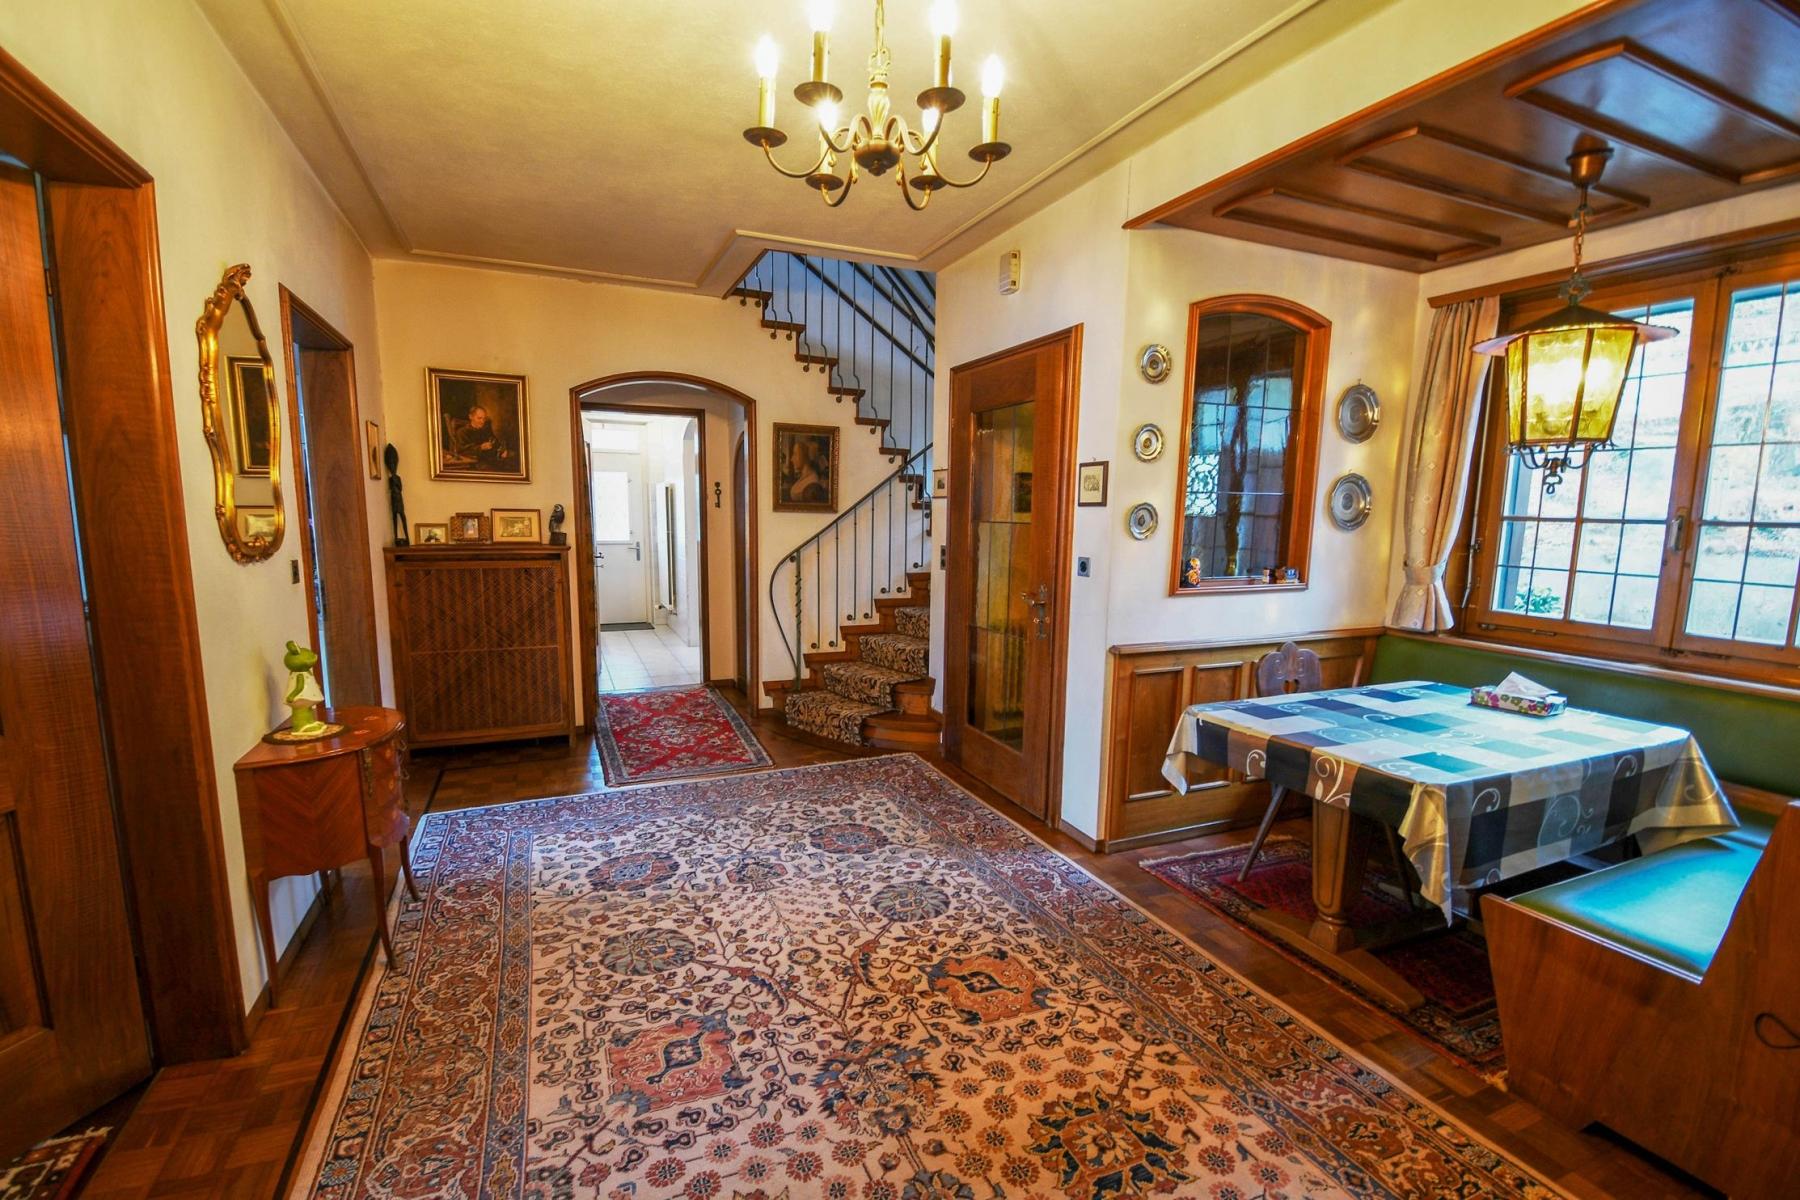 Kauf: Landhaus Villa mit grossem Grundstück an Traumlage